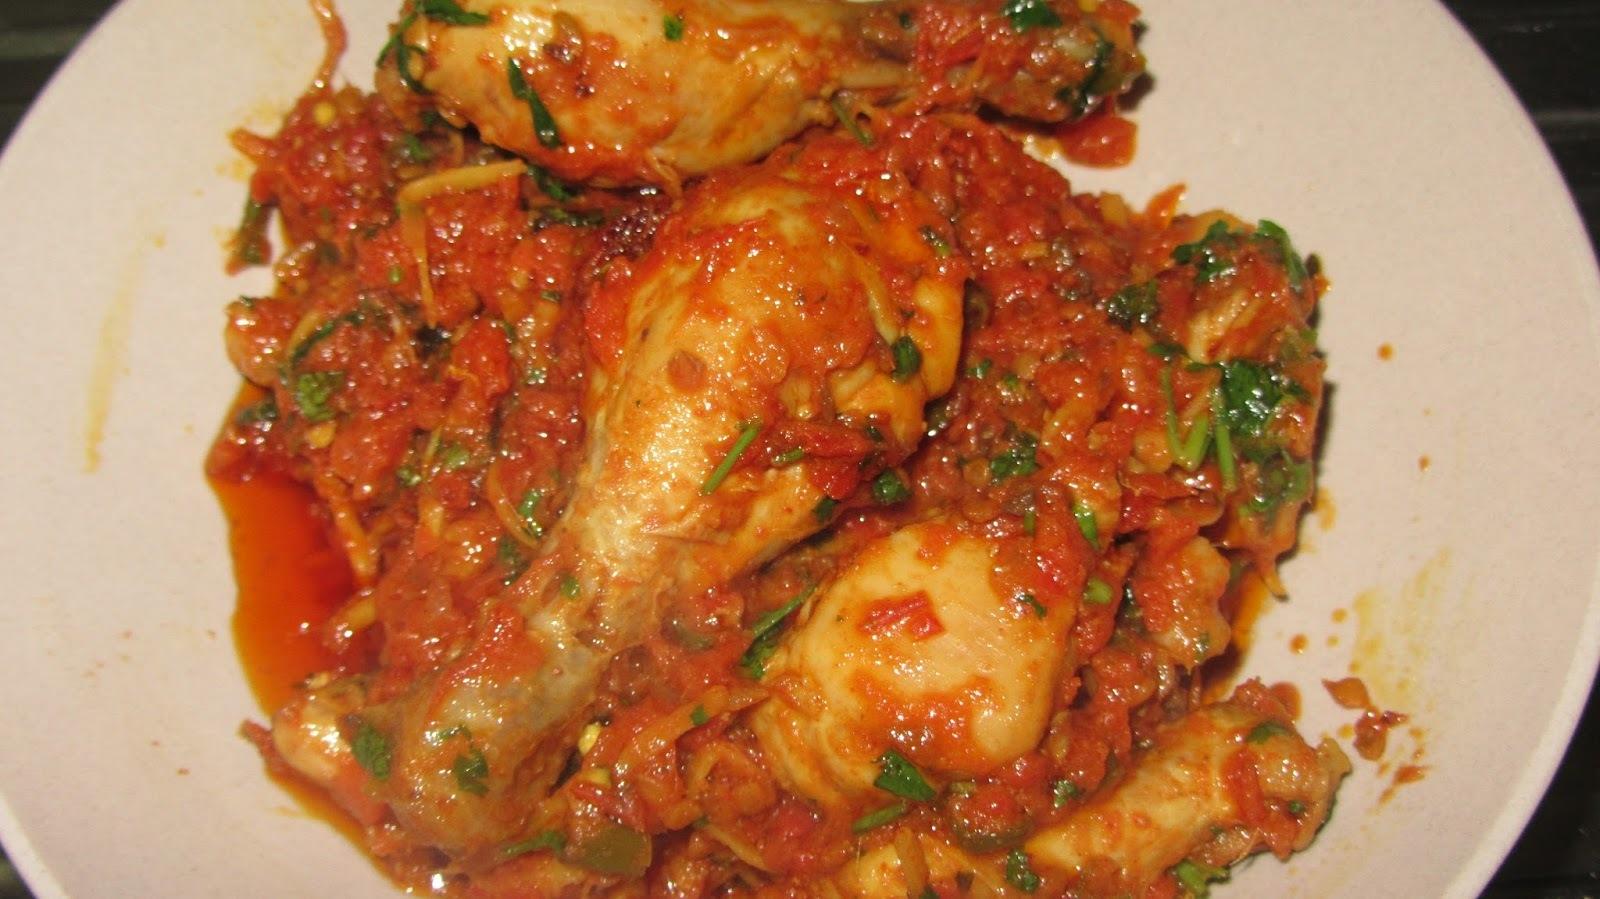 Peshawari Chicken Karahi